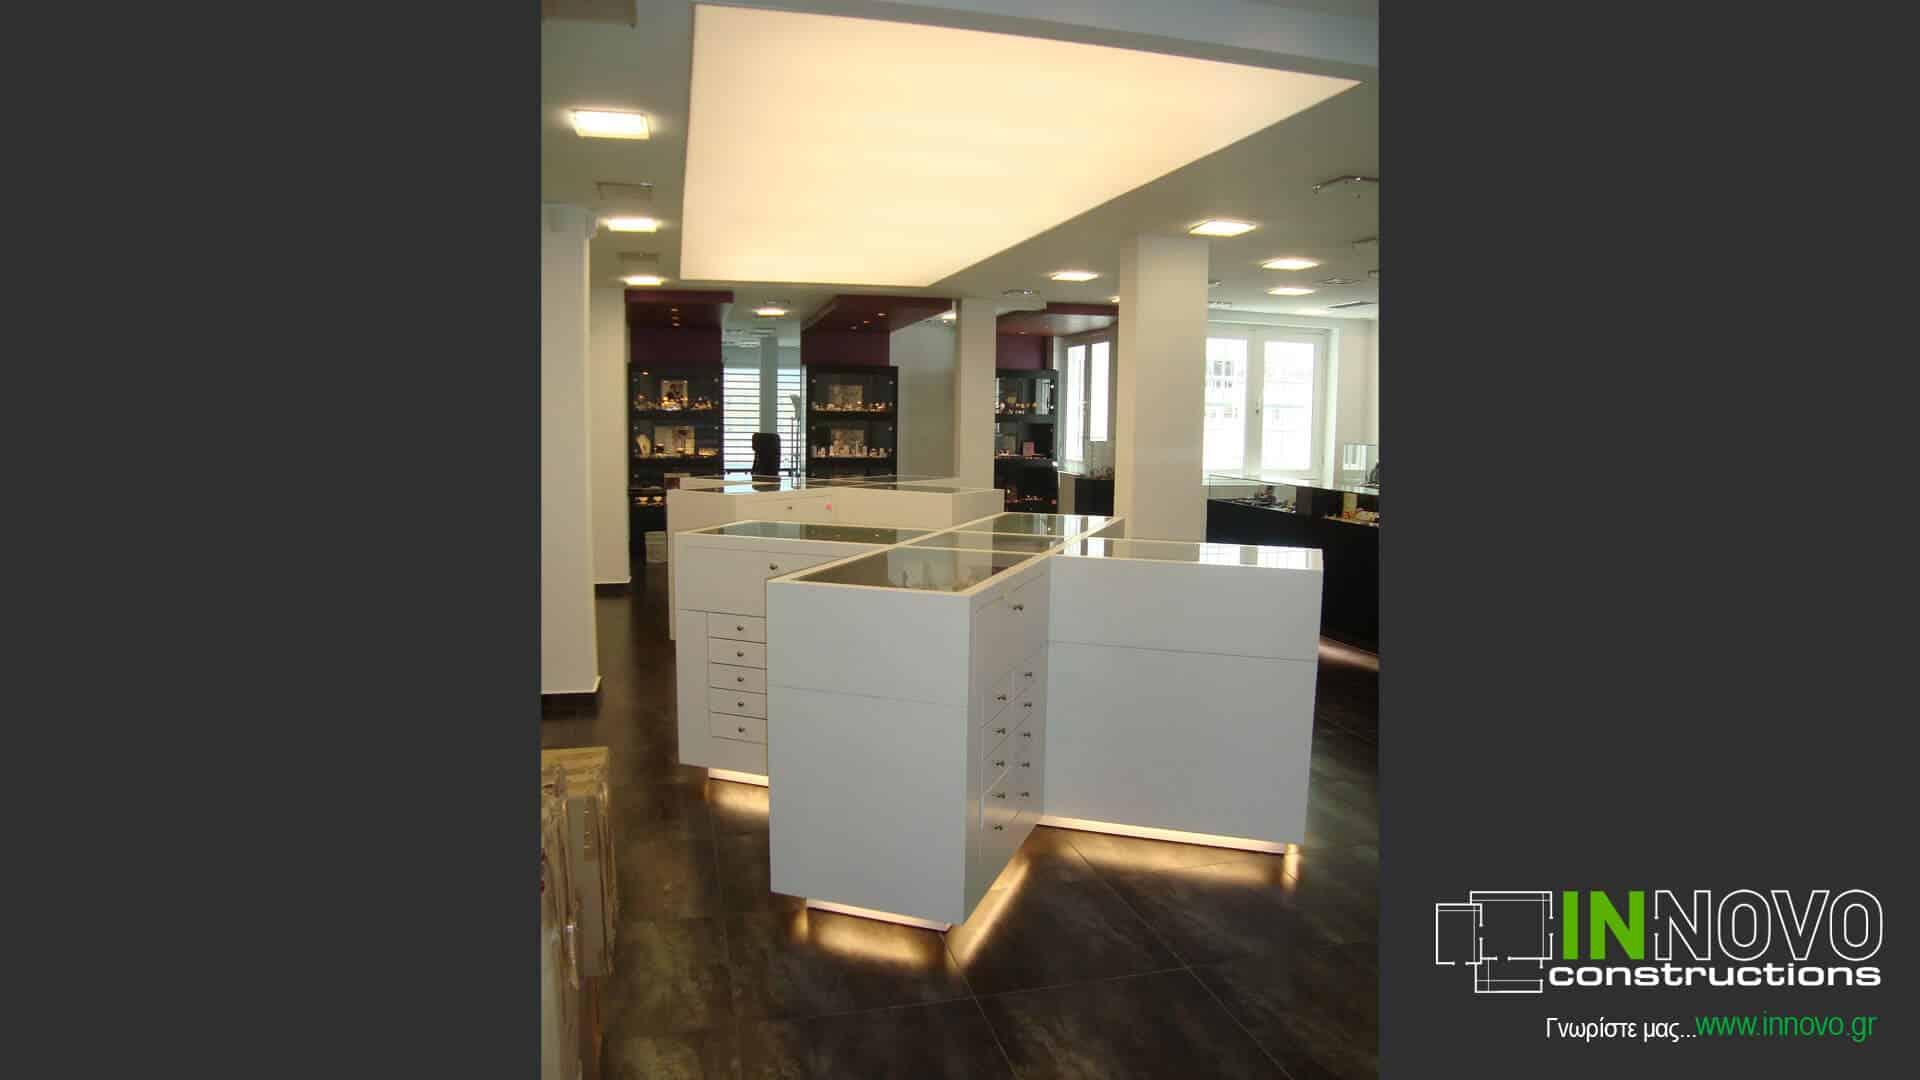 anakainisi-etaireias-company-renovation-soultos-grafeia-1048-37